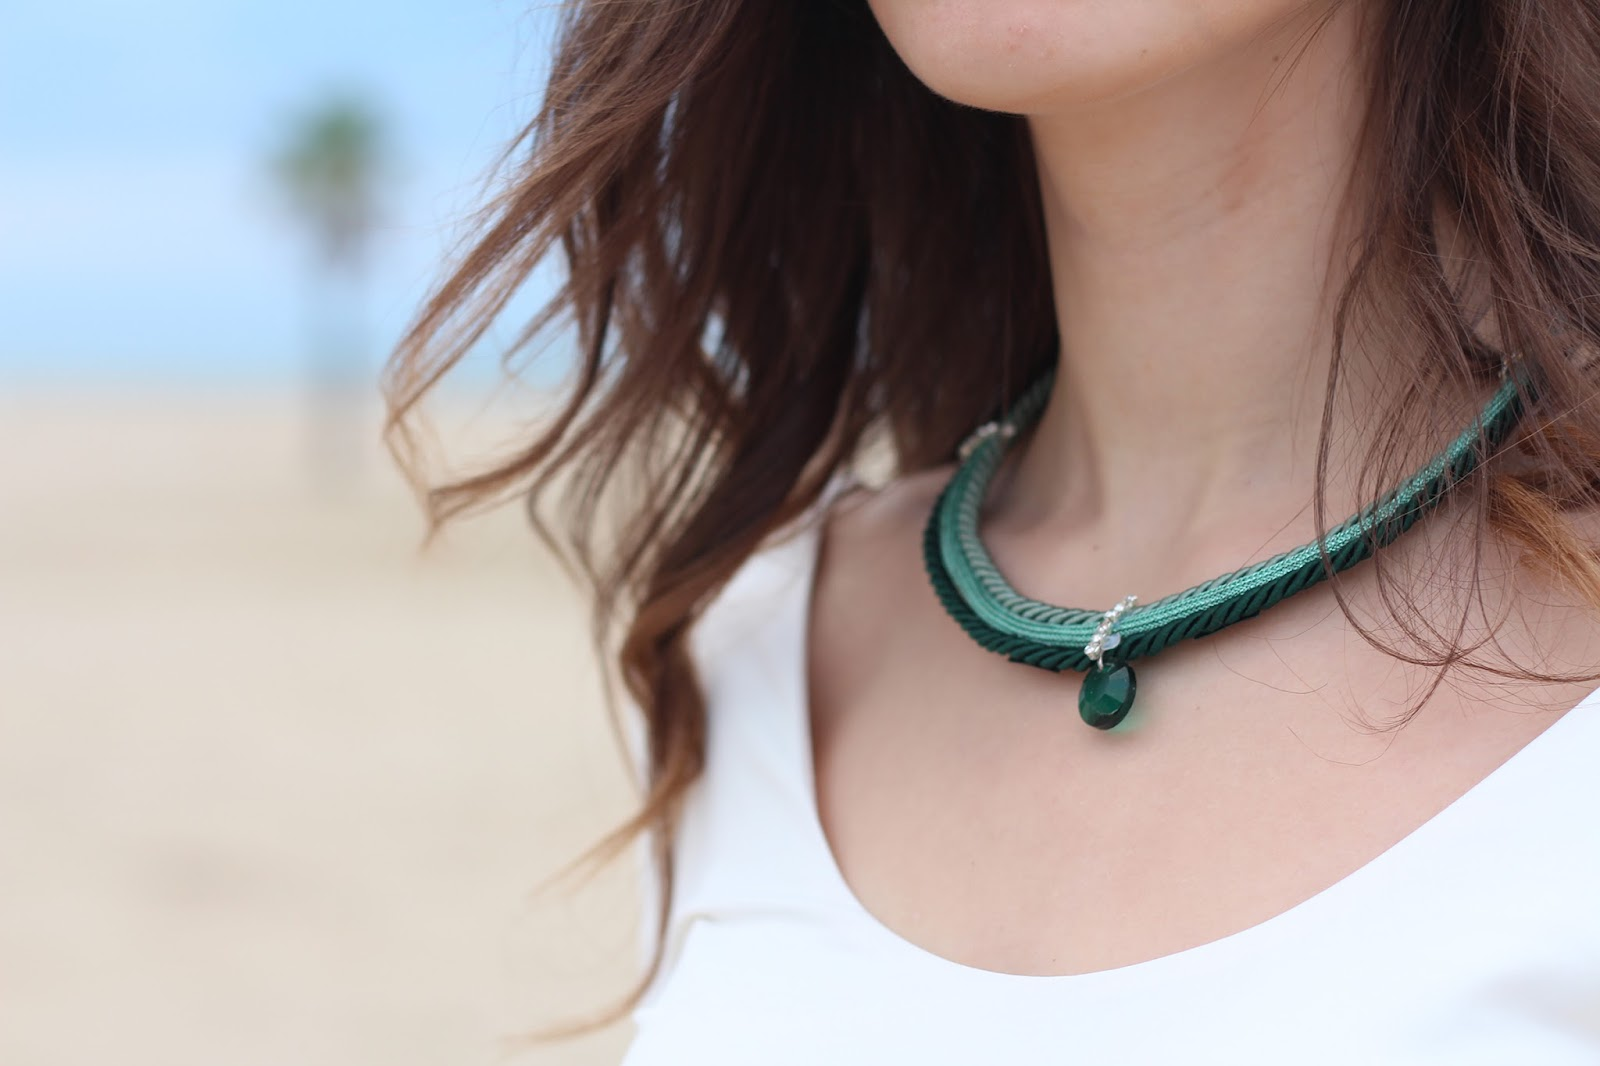 Eccezionale Chic con Charme Bijoux e una gonna verde smeraldo | Bow Of Moon JS73